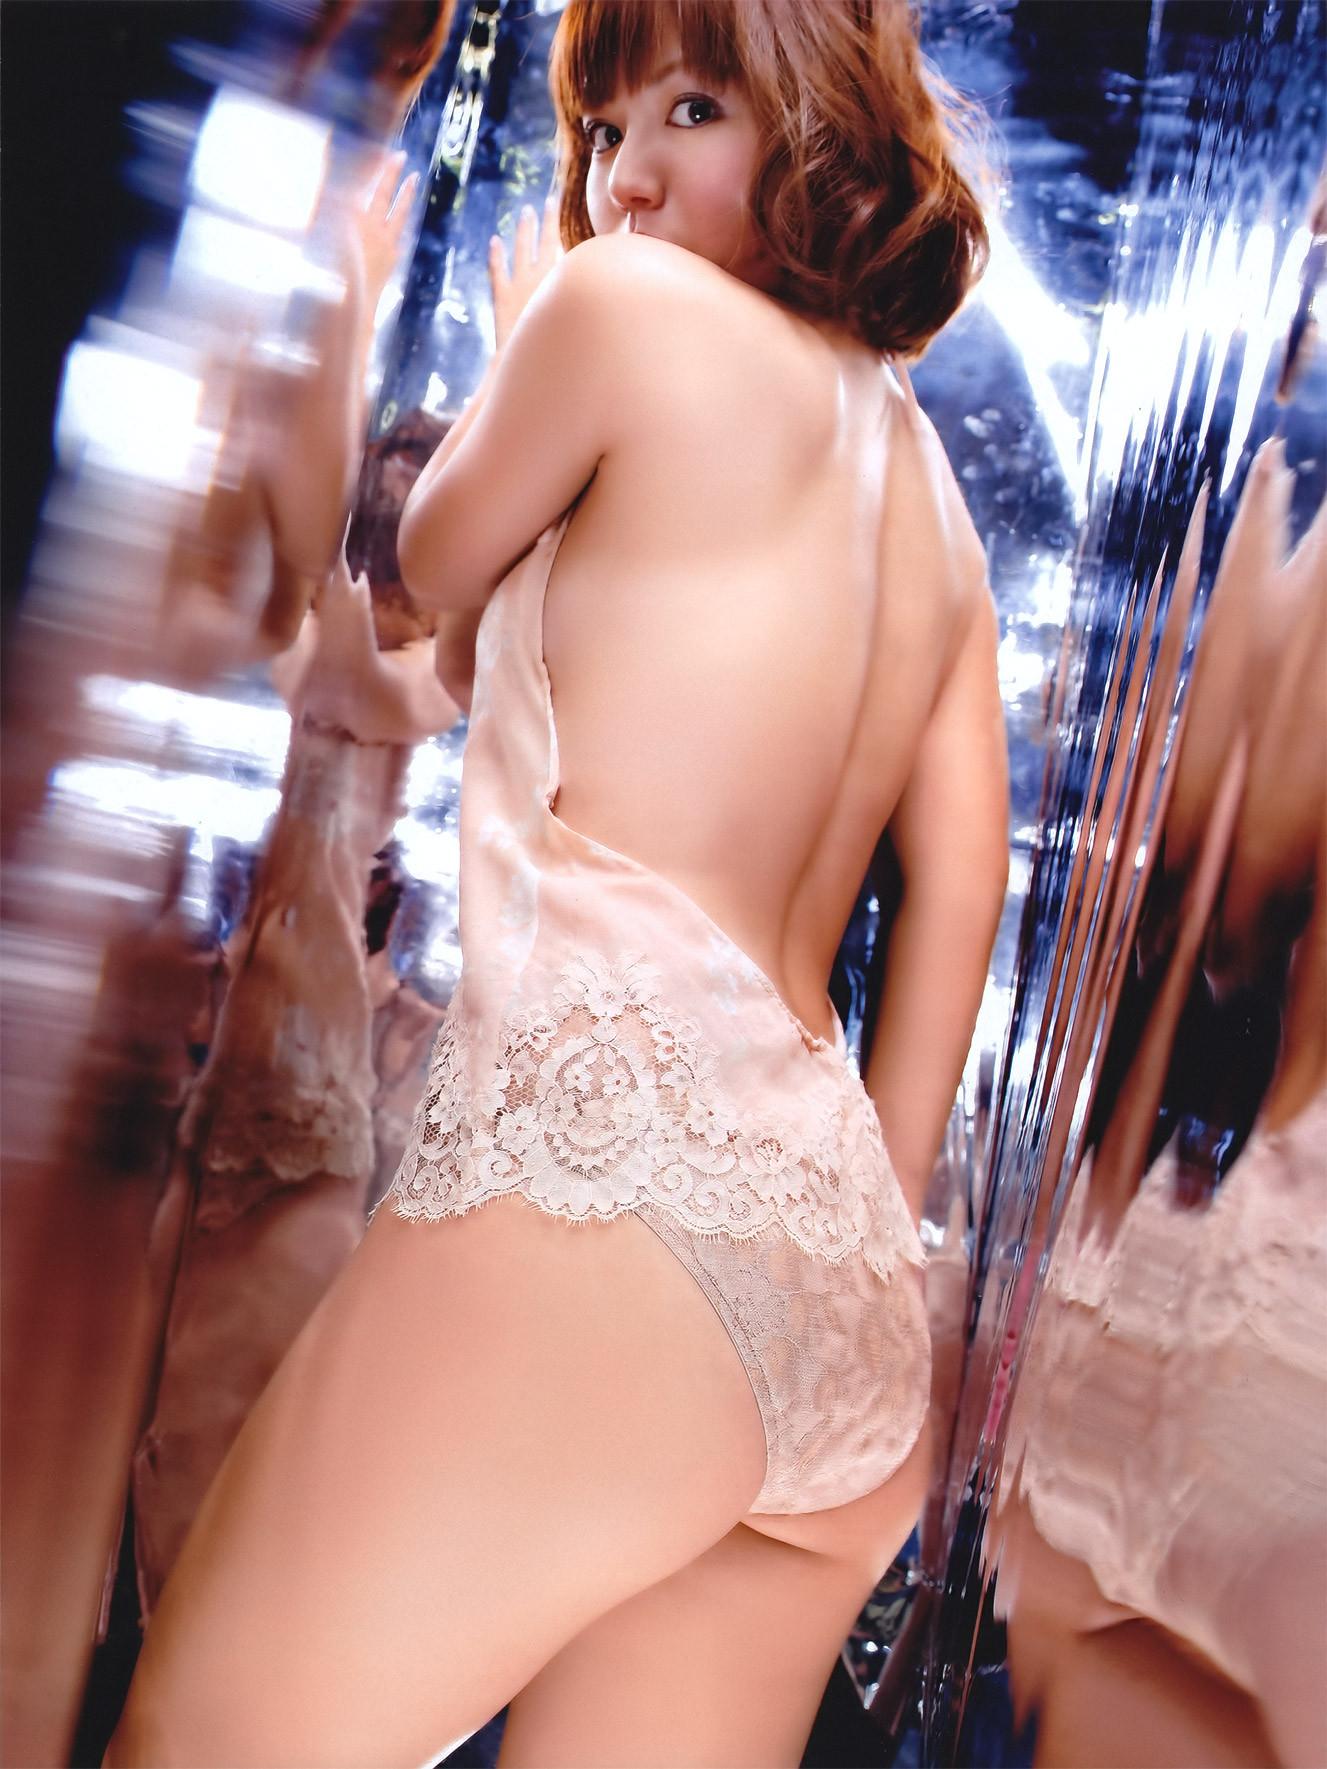 【背中エロ画像】試しに中心を舐めてみようw性感帯が隠れているかも美女の背中www 13